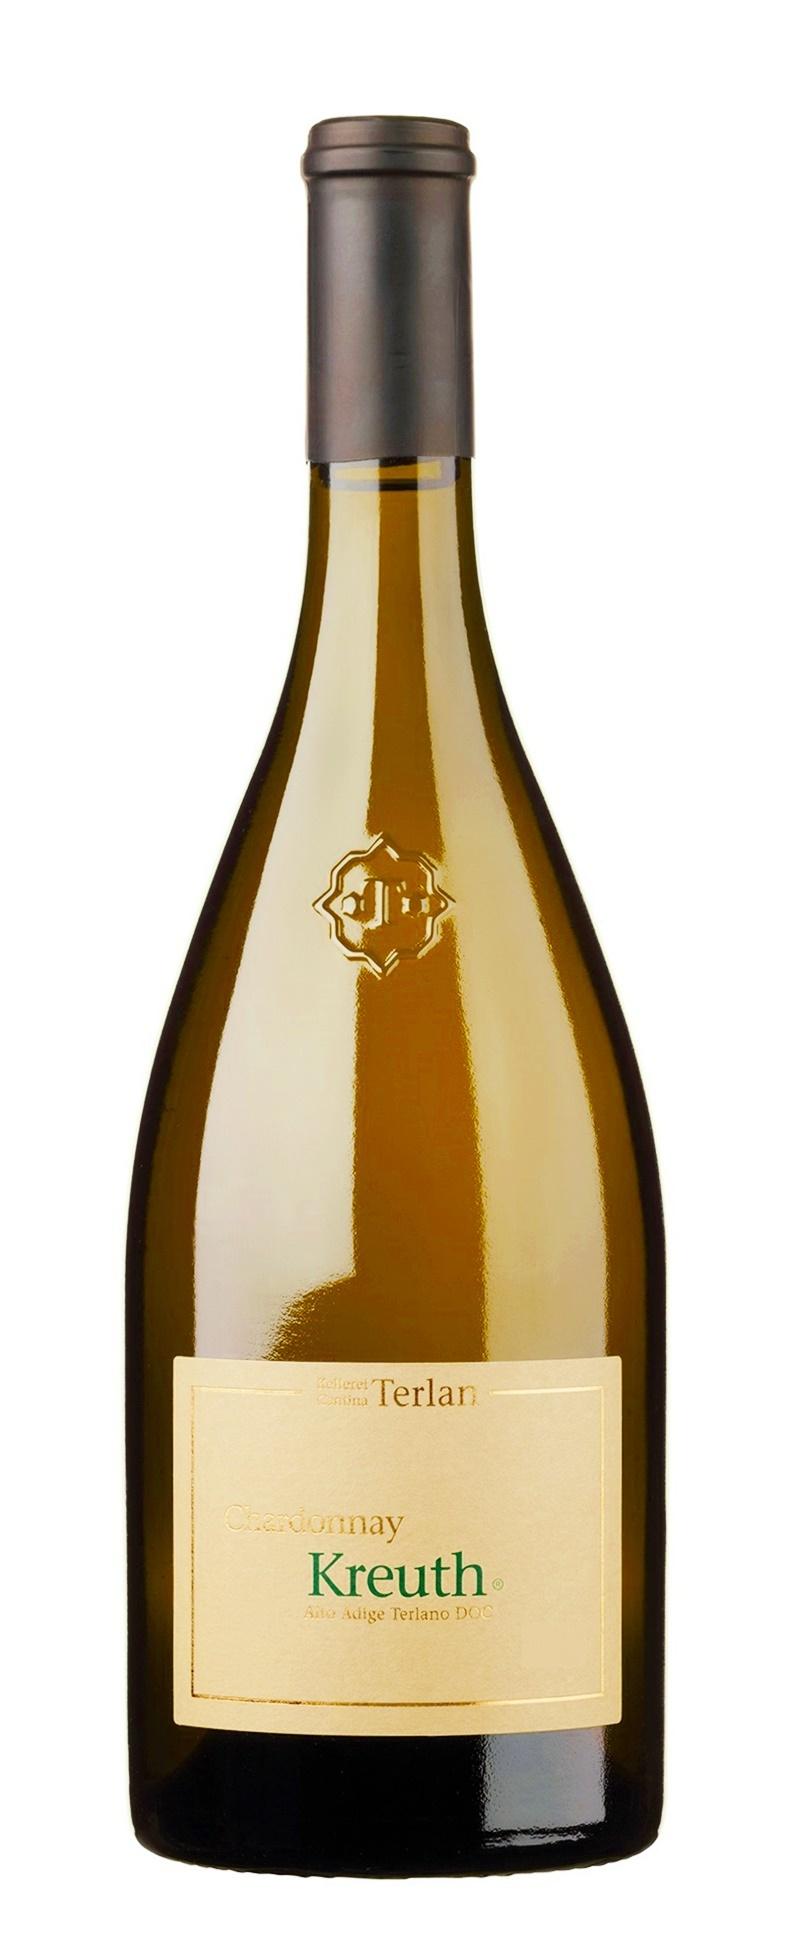 Terlan, Cantina - Südtirol 2019 Chardonnay Kreuth Alto Adige, Cantina Terlan